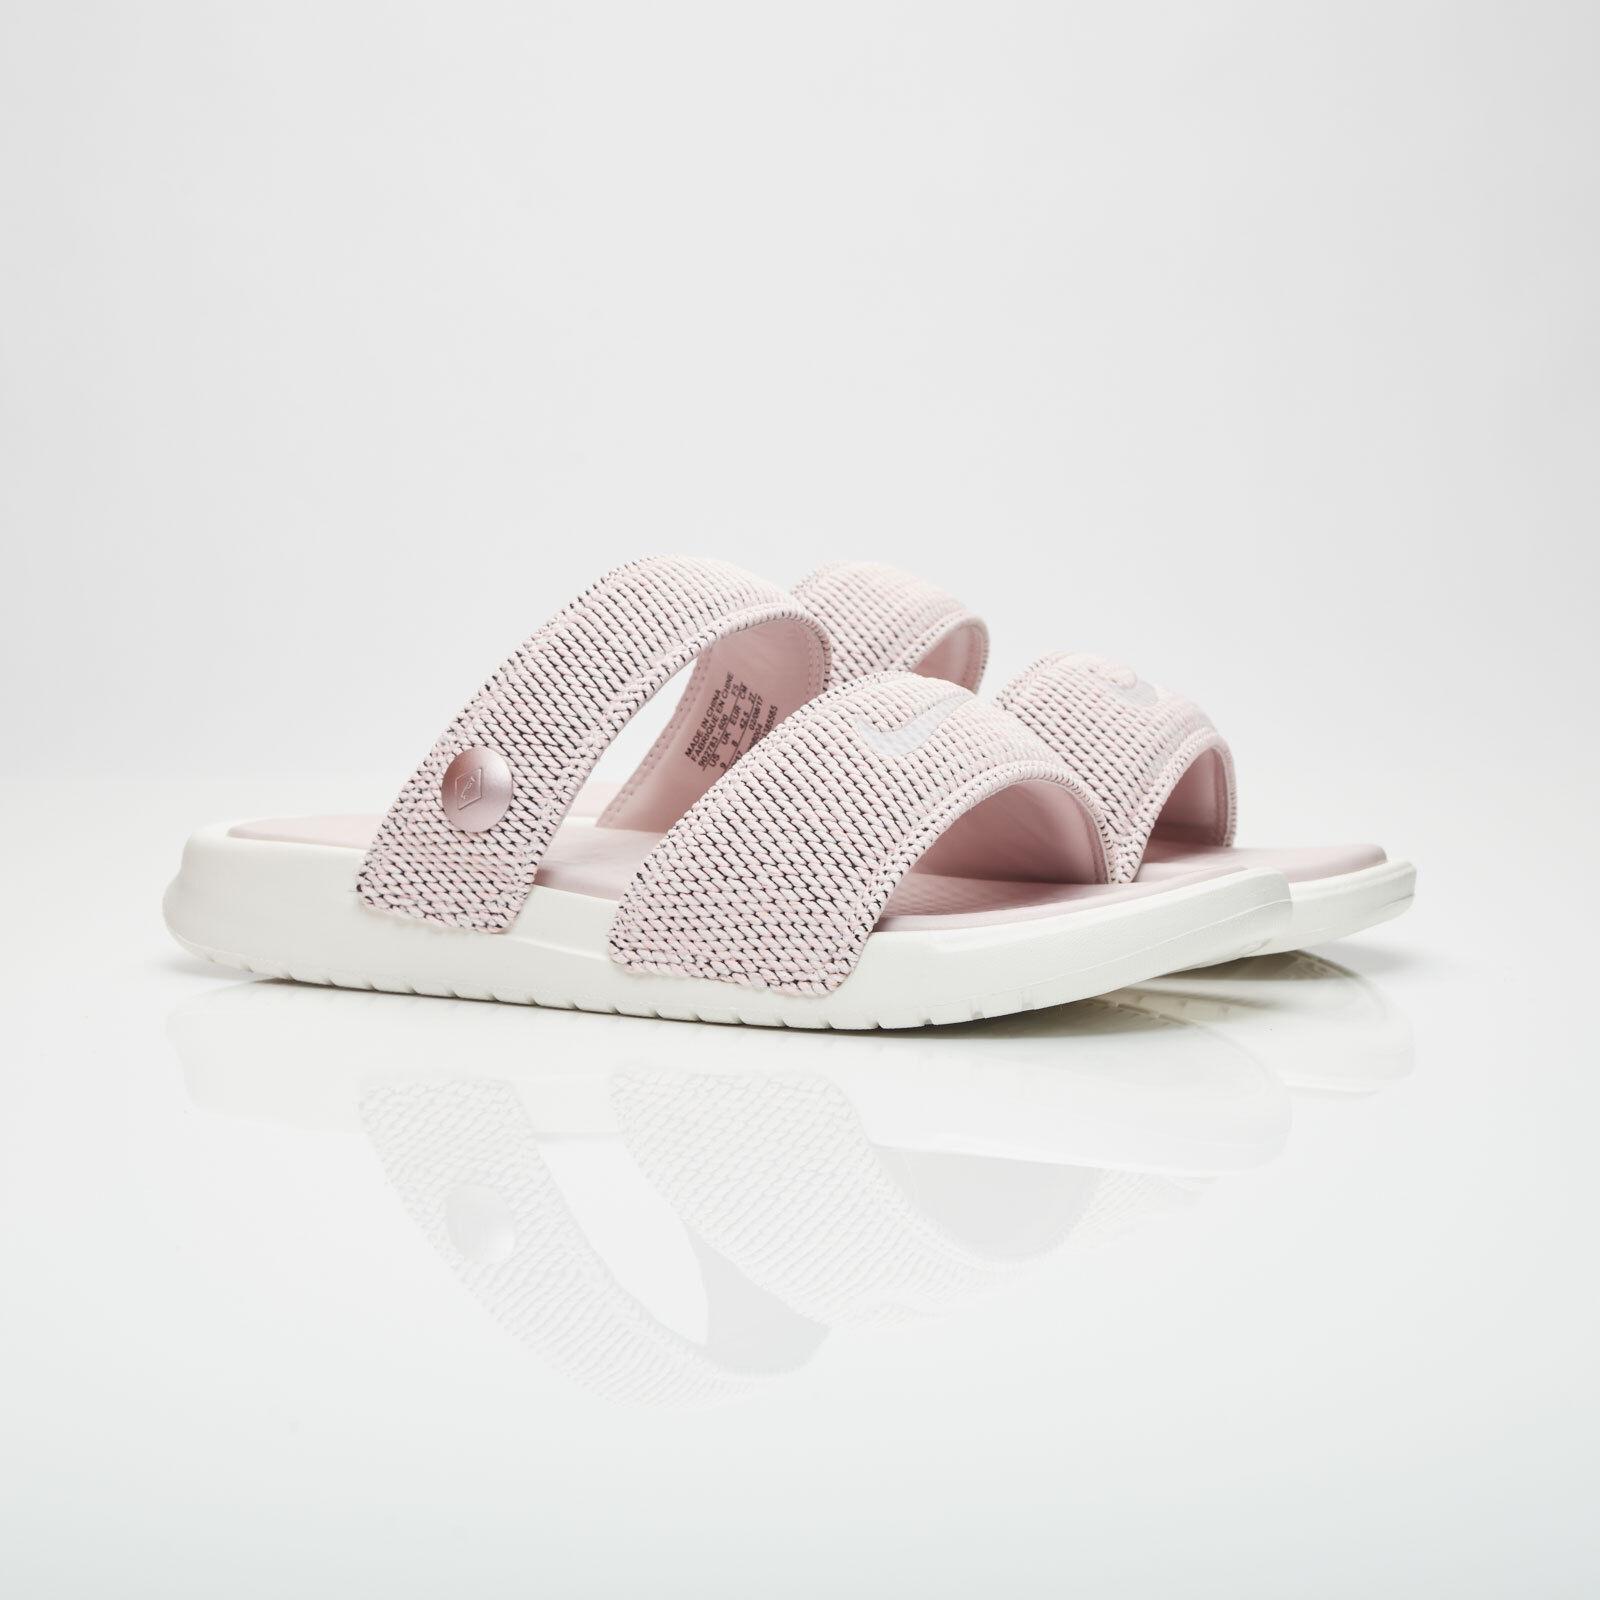 Nike nikelab benassi duo ultra ultra ultra - männer - seite / pigalle kaum rose größe 10. 48c44e